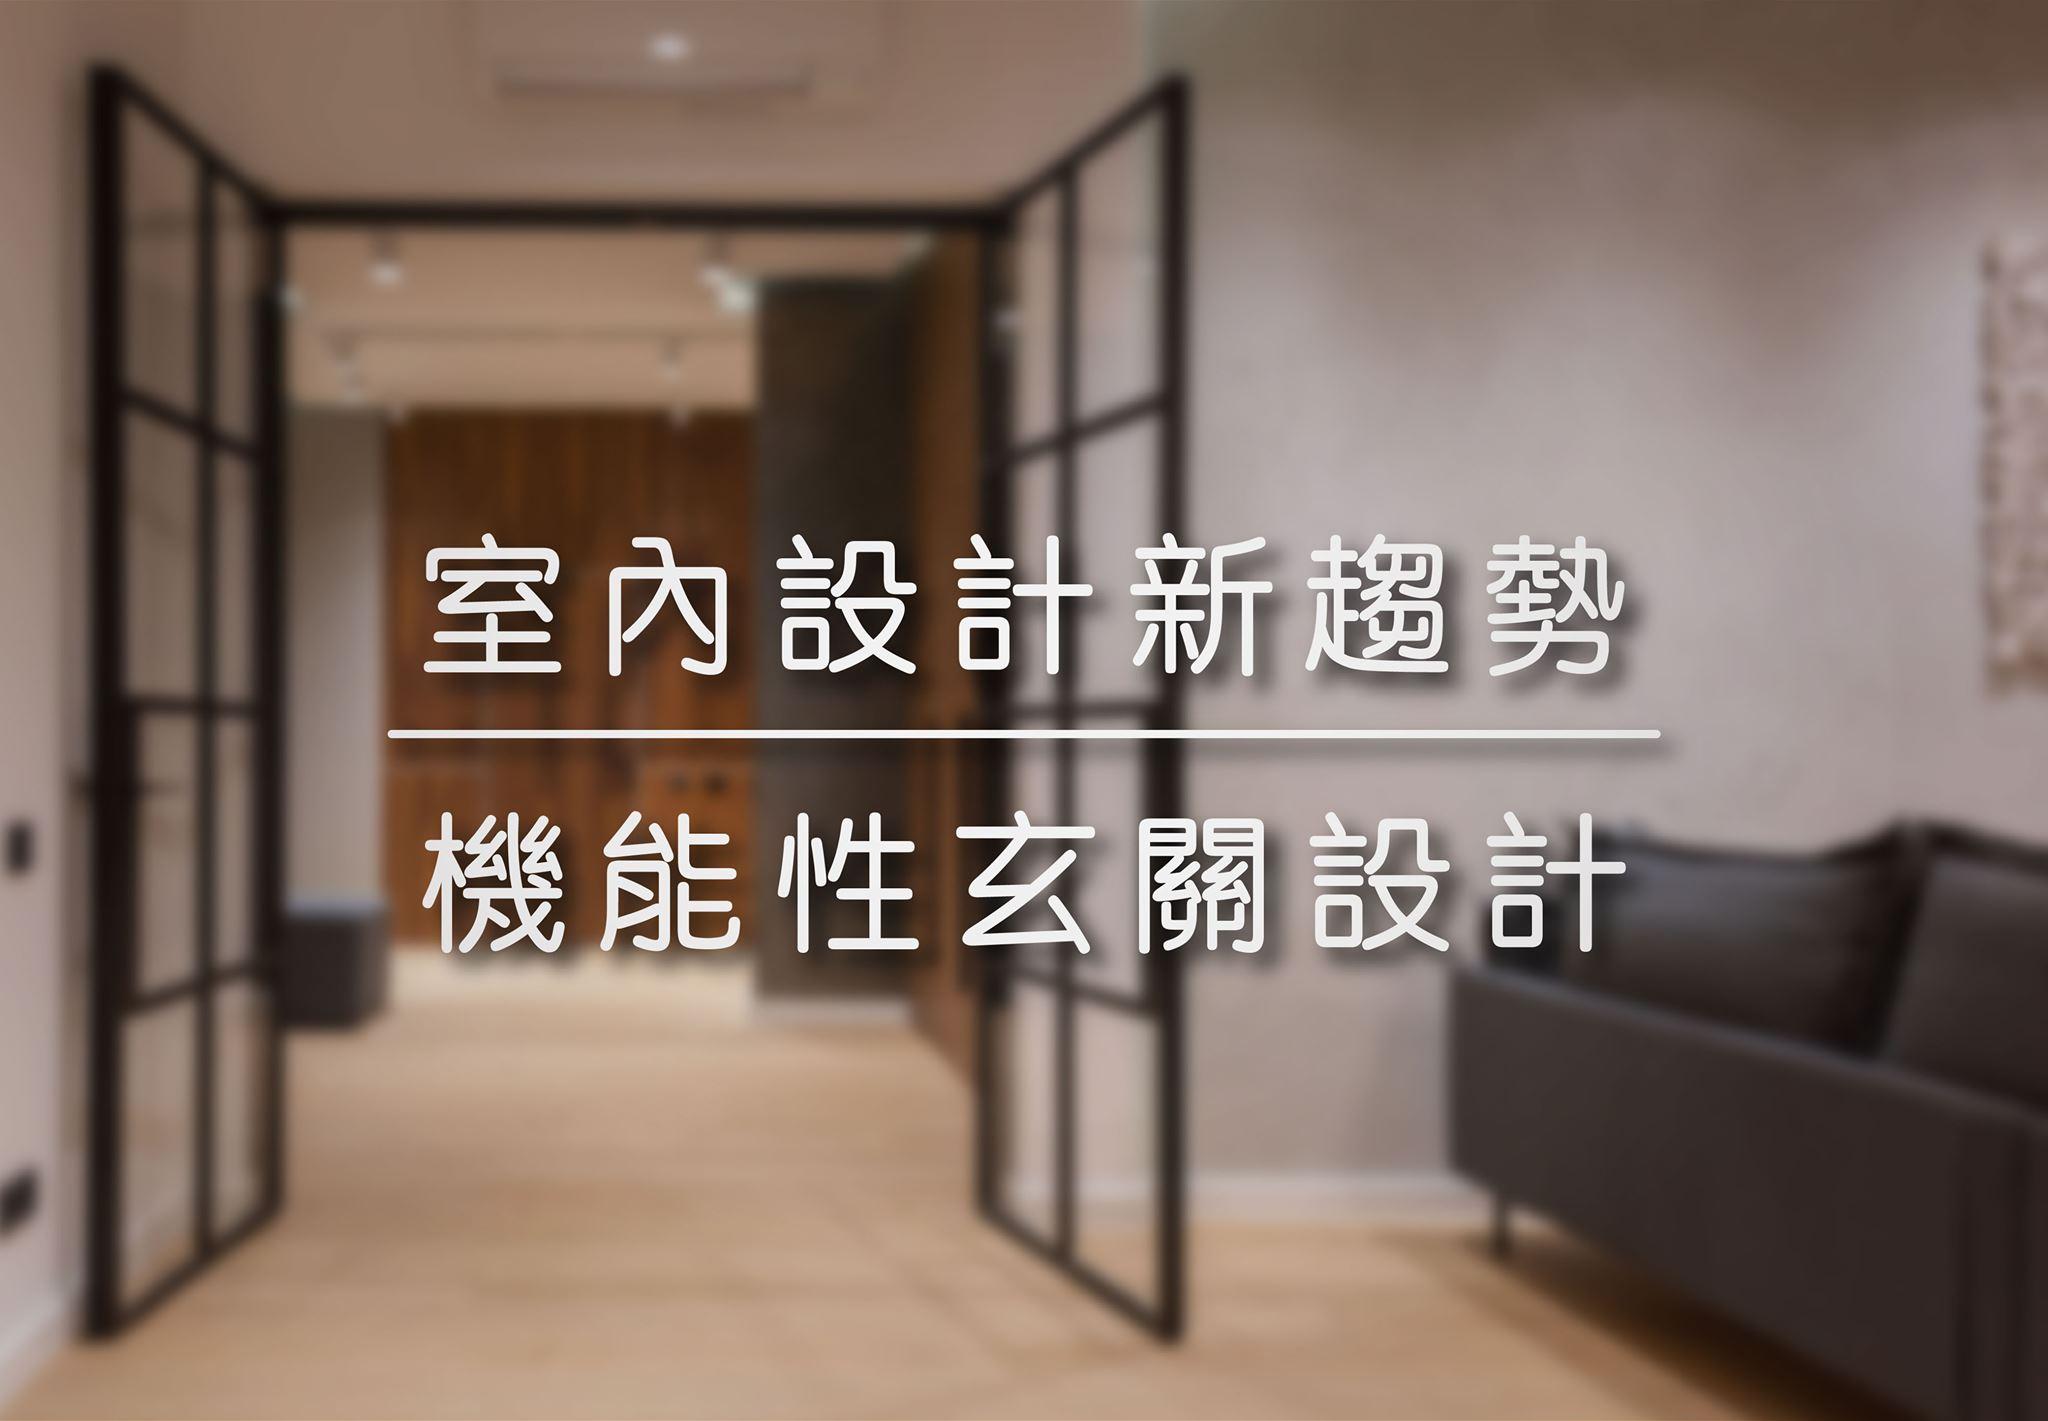 室內設計新趨勢 | 機能性玄關設計